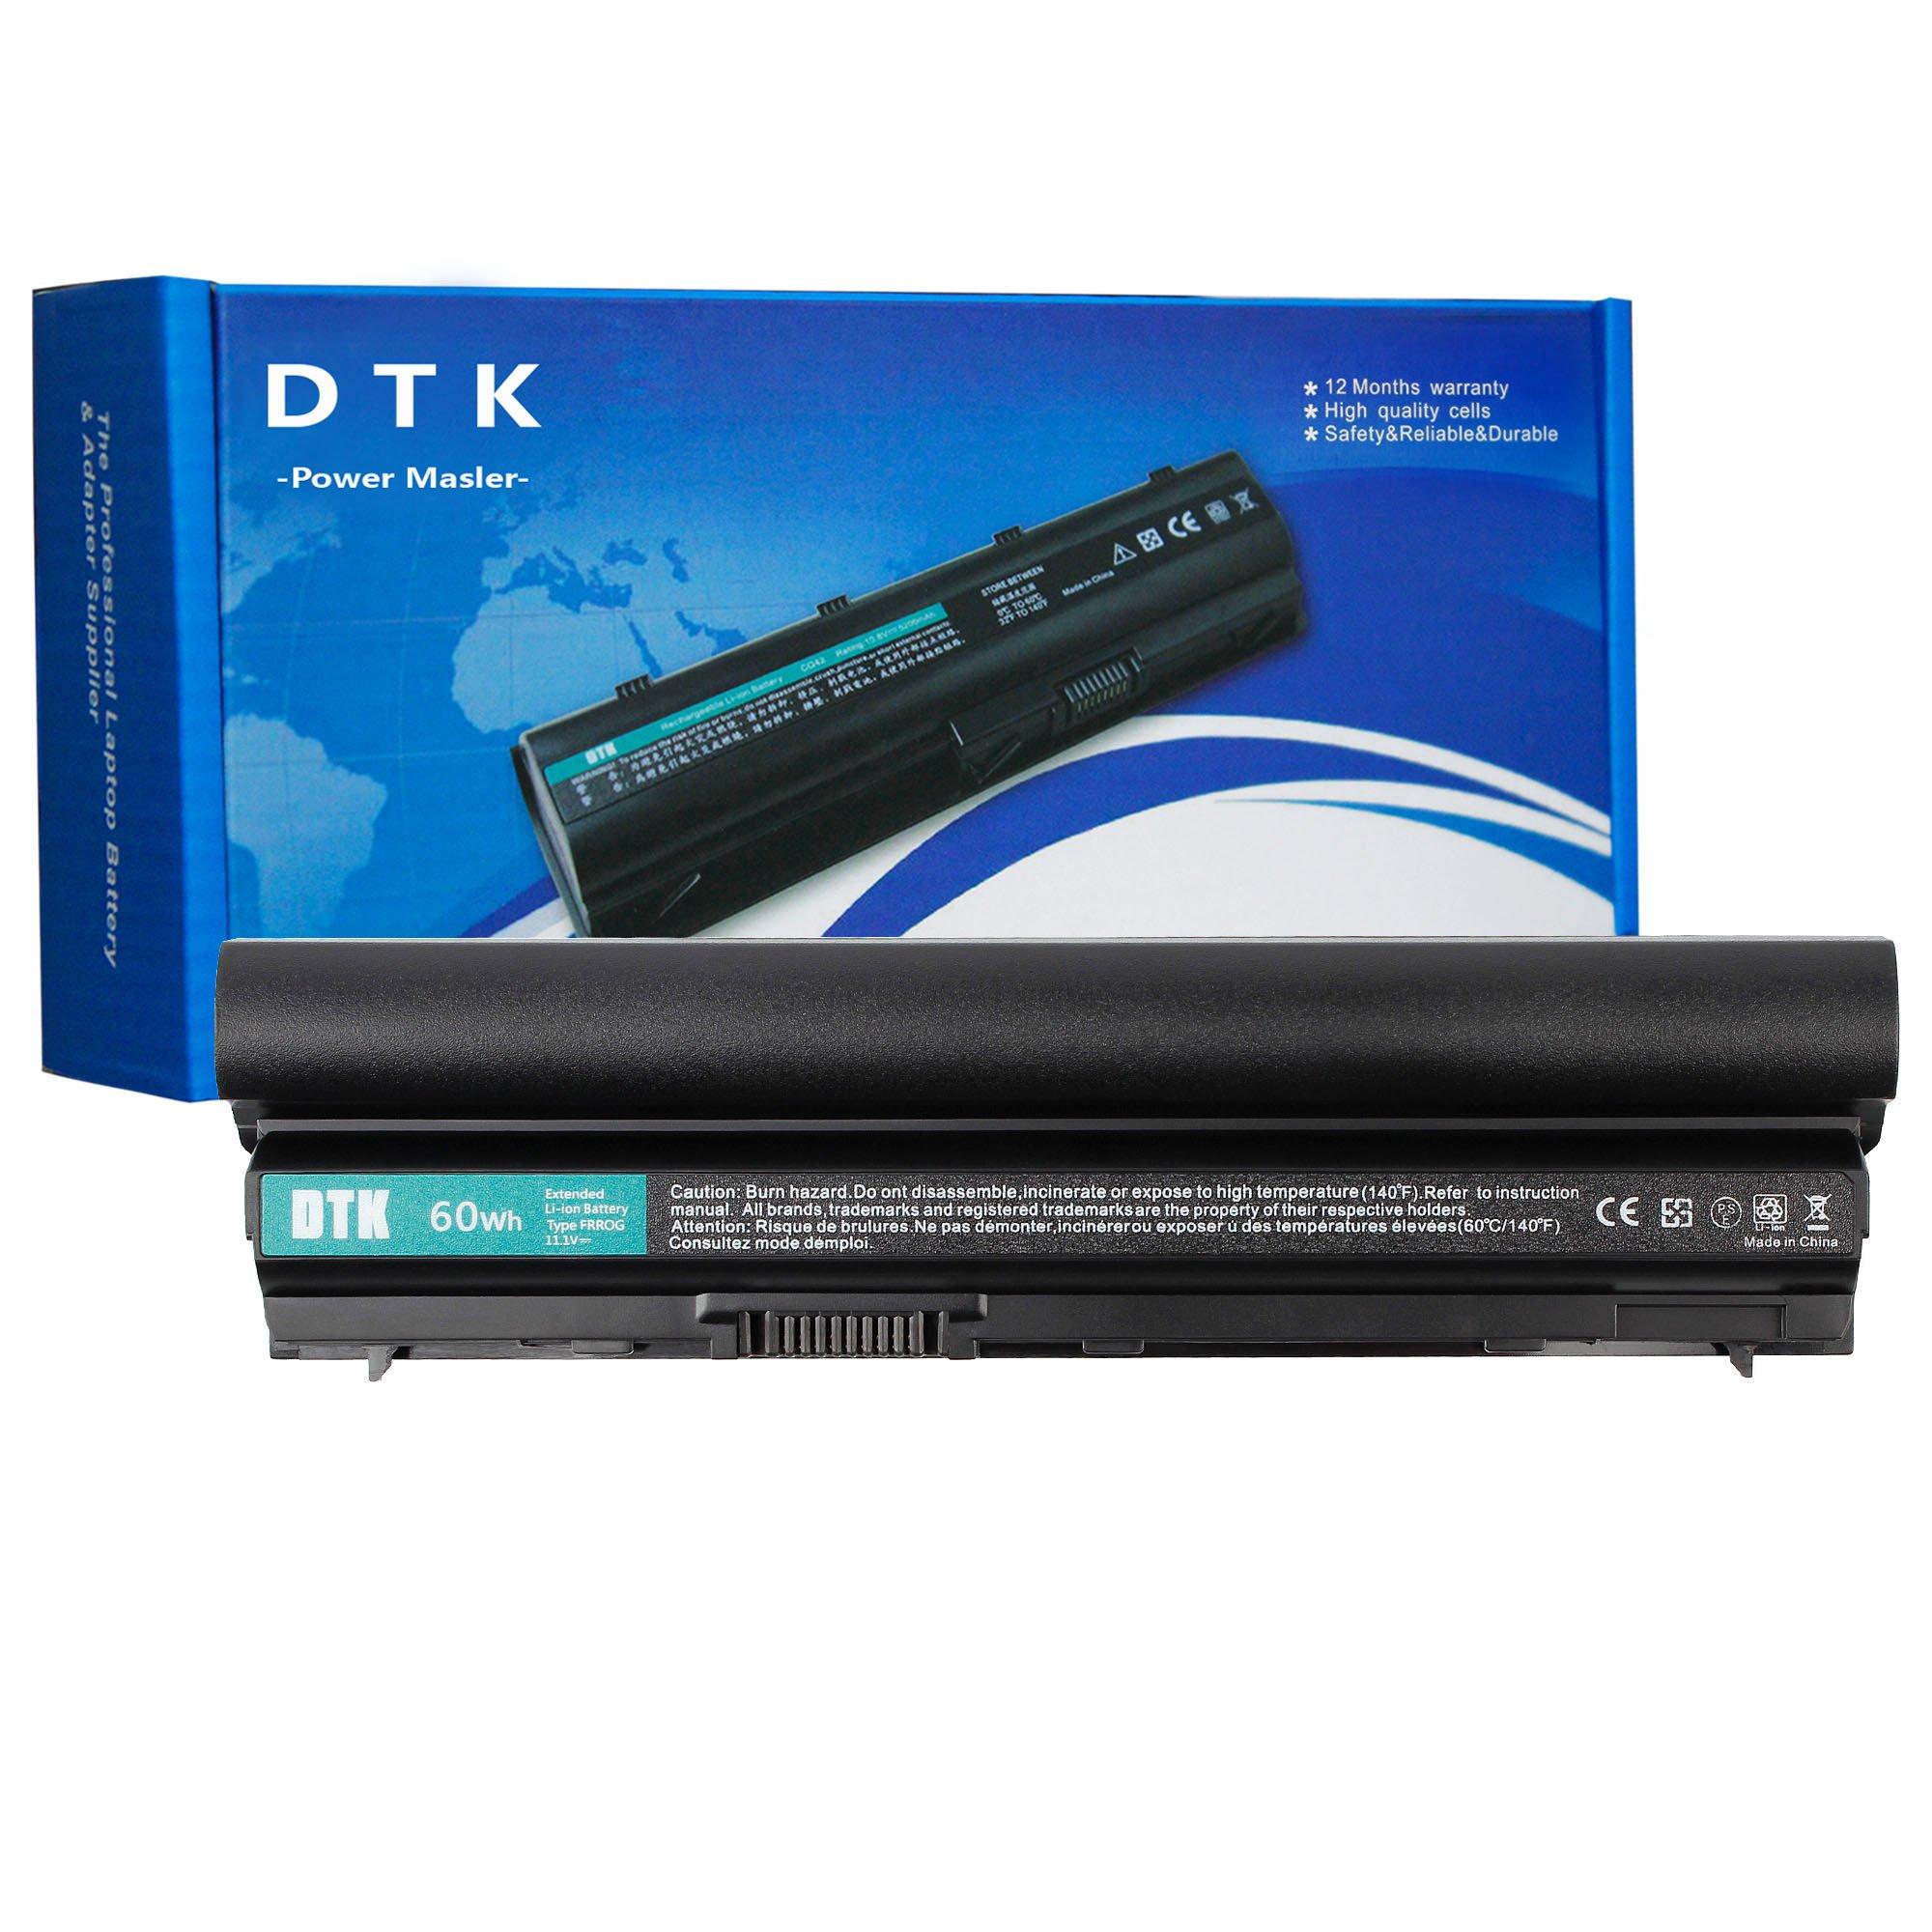 Bateria RFJMW K4CP5 Y61CV J79X4 FRR0G para DELL Latitude E6120 E6220 E6230 E6320 E6330 E6430S 6 Celdas 11.1v 4400mAh